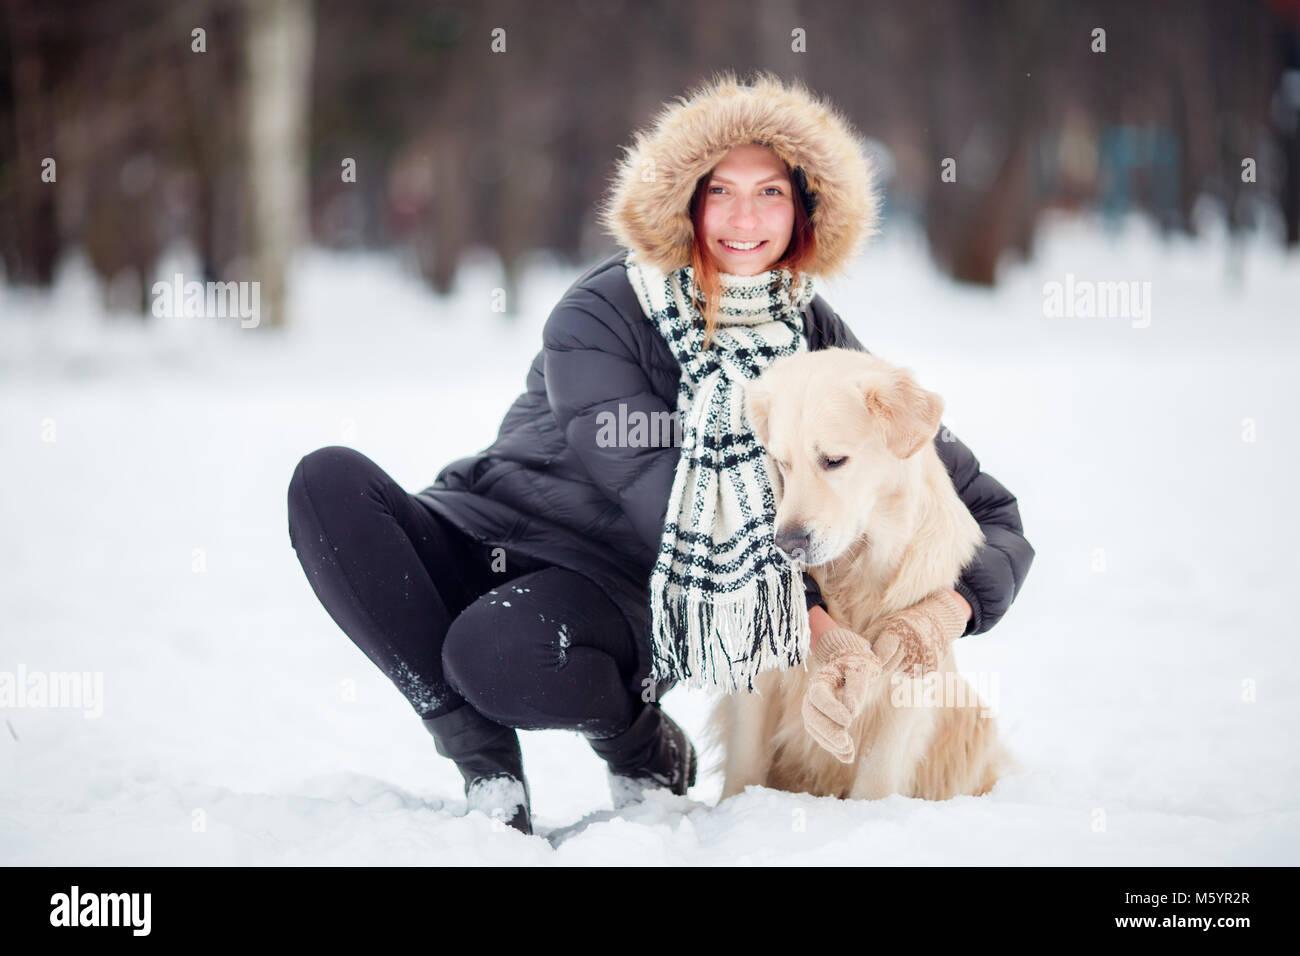 Image de fille en veste noire s'accroupir à côté de chien en hiver Photo Stock